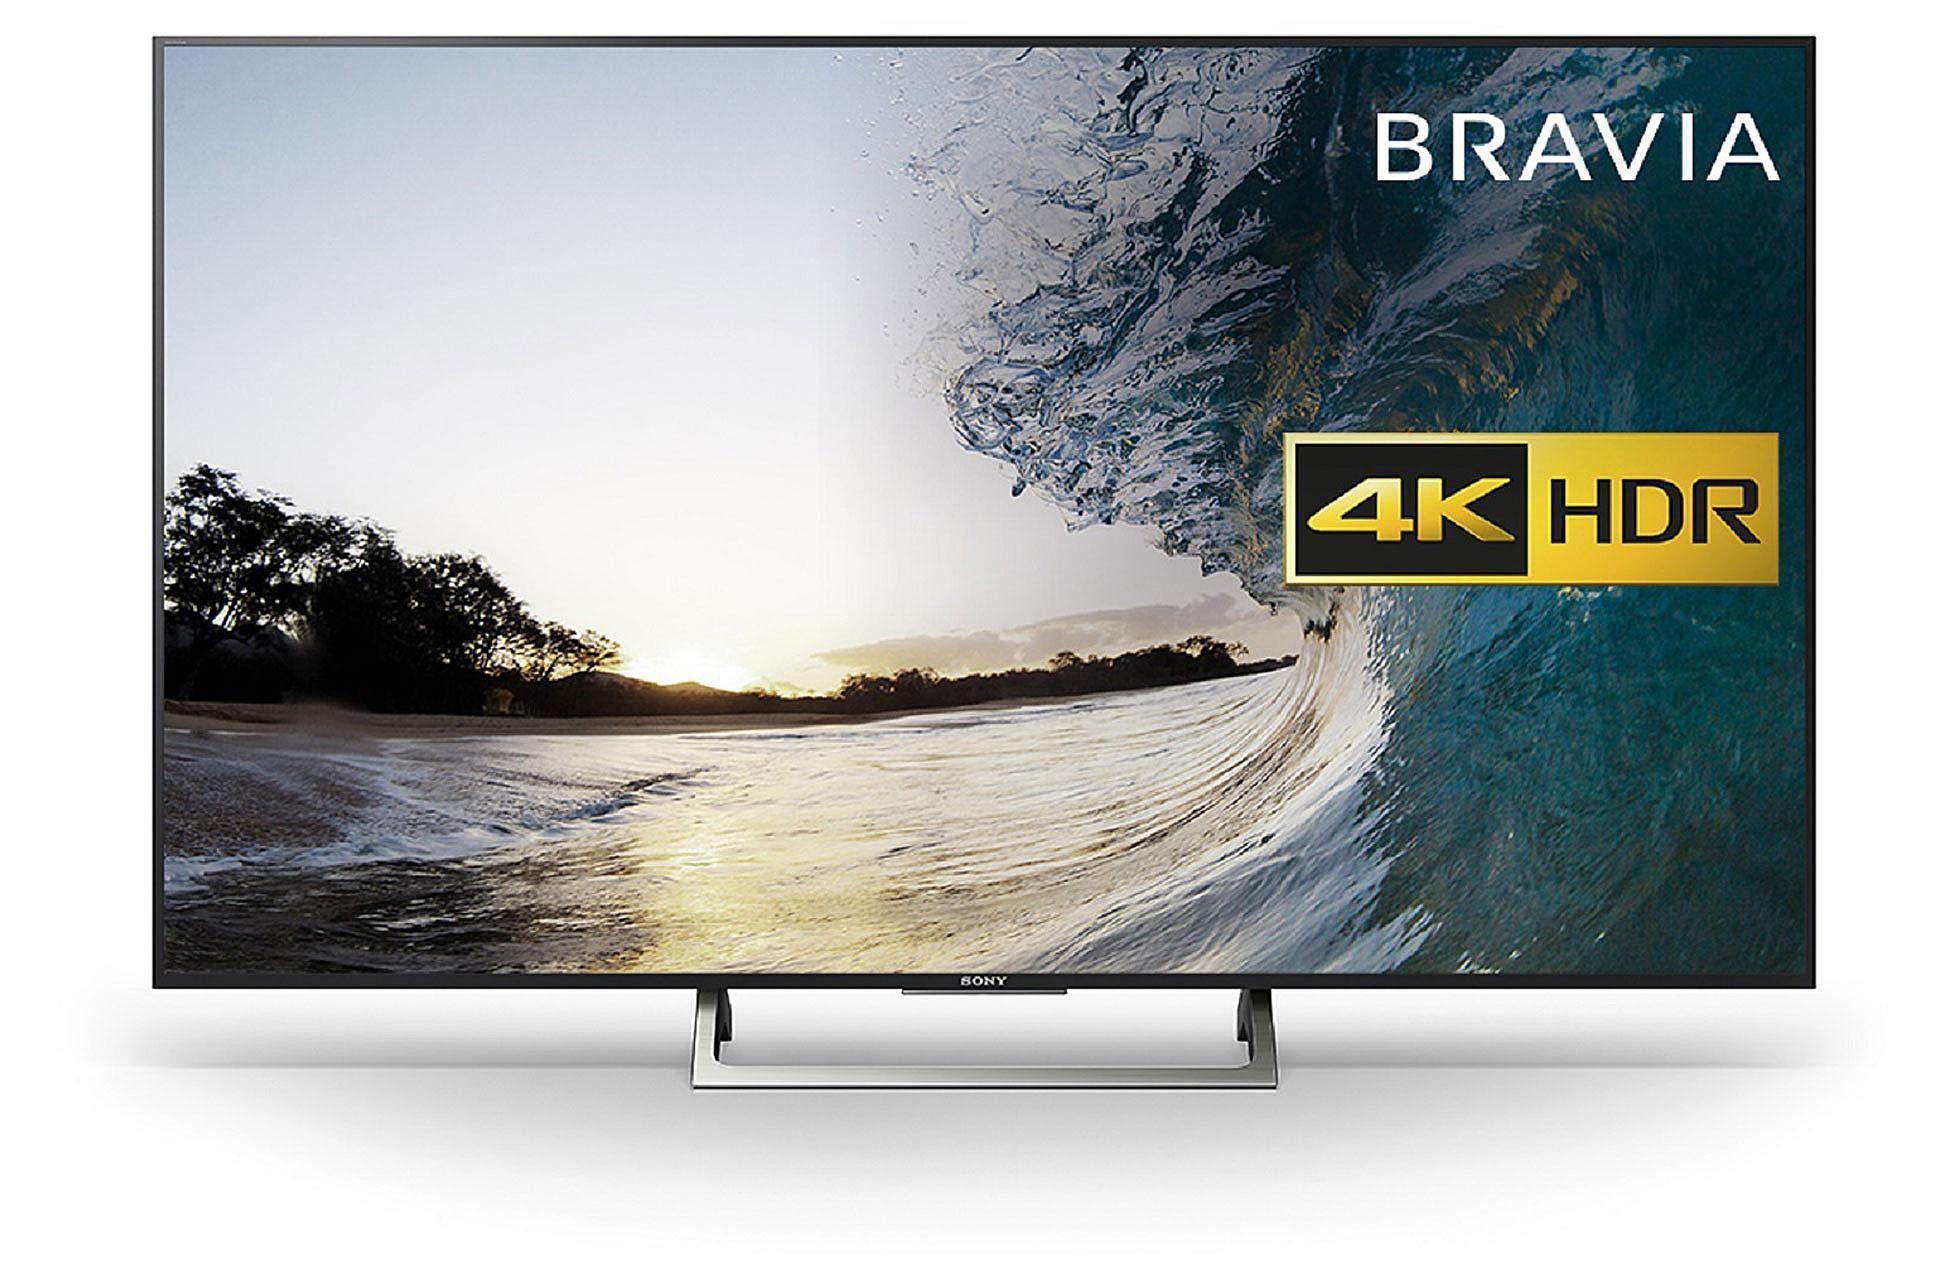 Sony Kd65xe8577 65 4k Ultra Hd Smart Tv Wi Fi Black Silver Led Tv